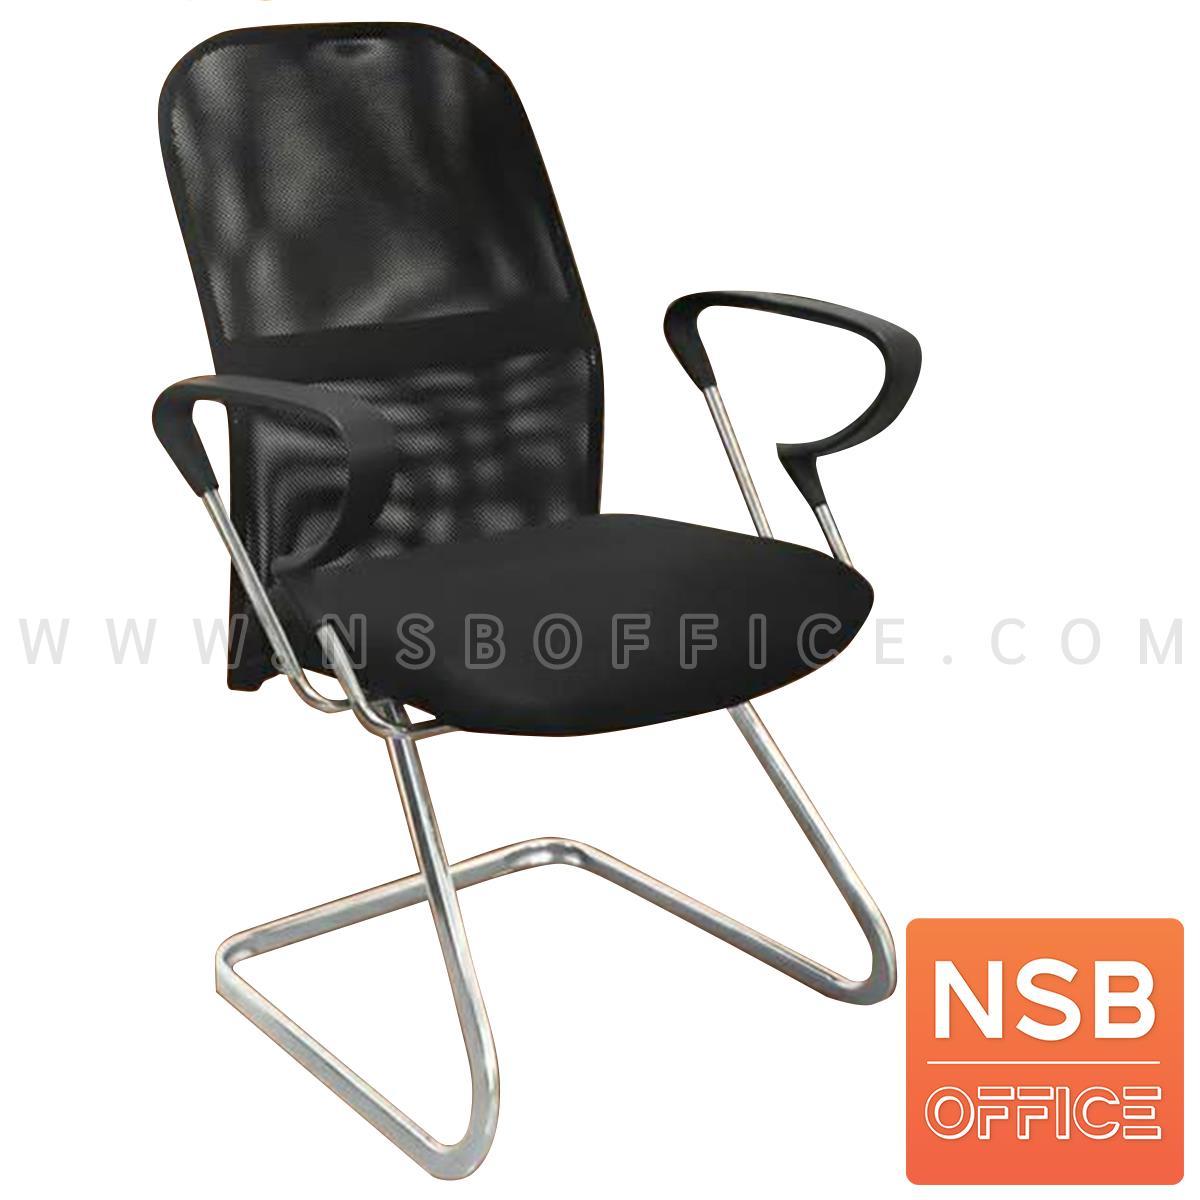 B04A202:เก้าอี้รับแขกหลังเน็ต รุ่น Elener (เอเลเนอร์)  ขาเหล็กชุบโครเมี่ยม